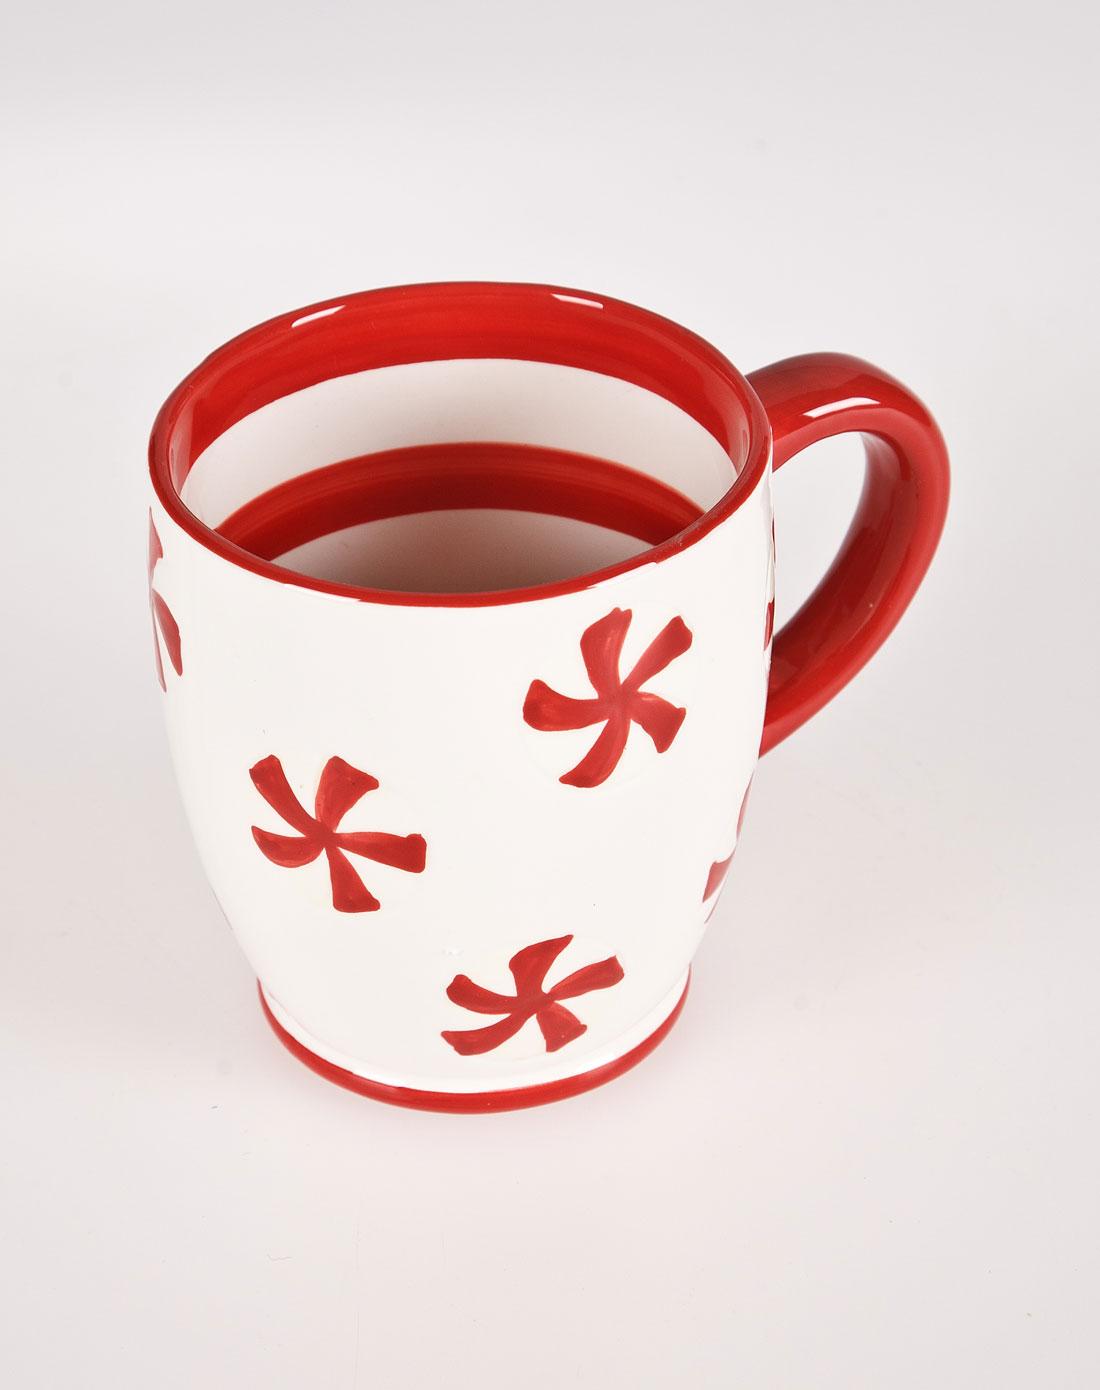 糖果工厂陶瓷手绘浮雕马克杯